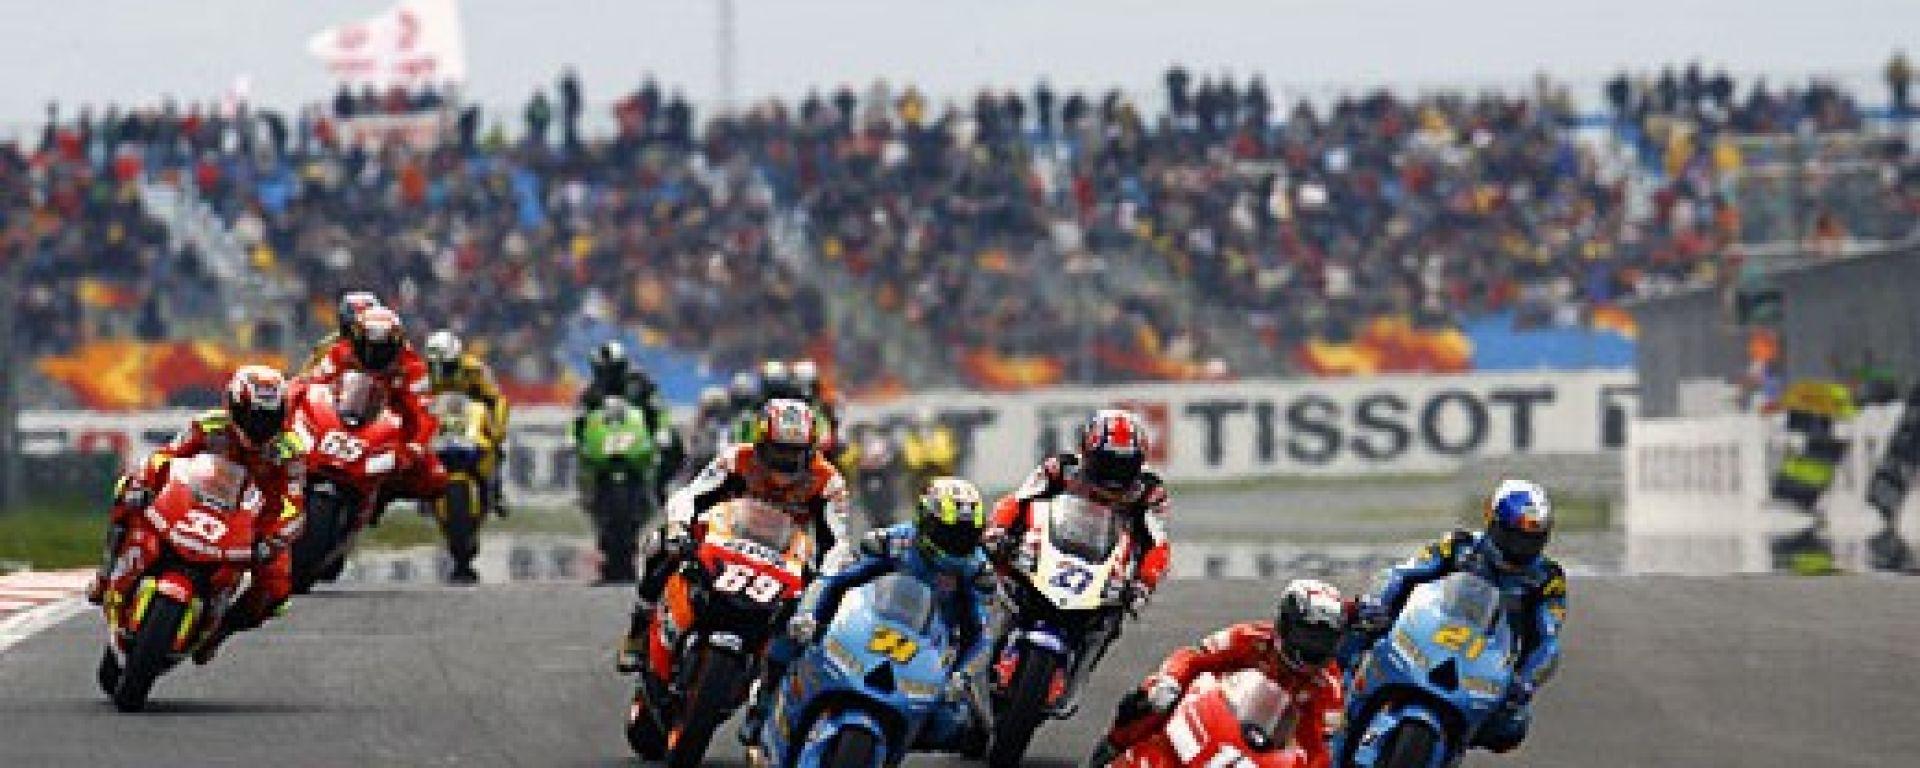 Moto GP: Gran Premio di Turchia